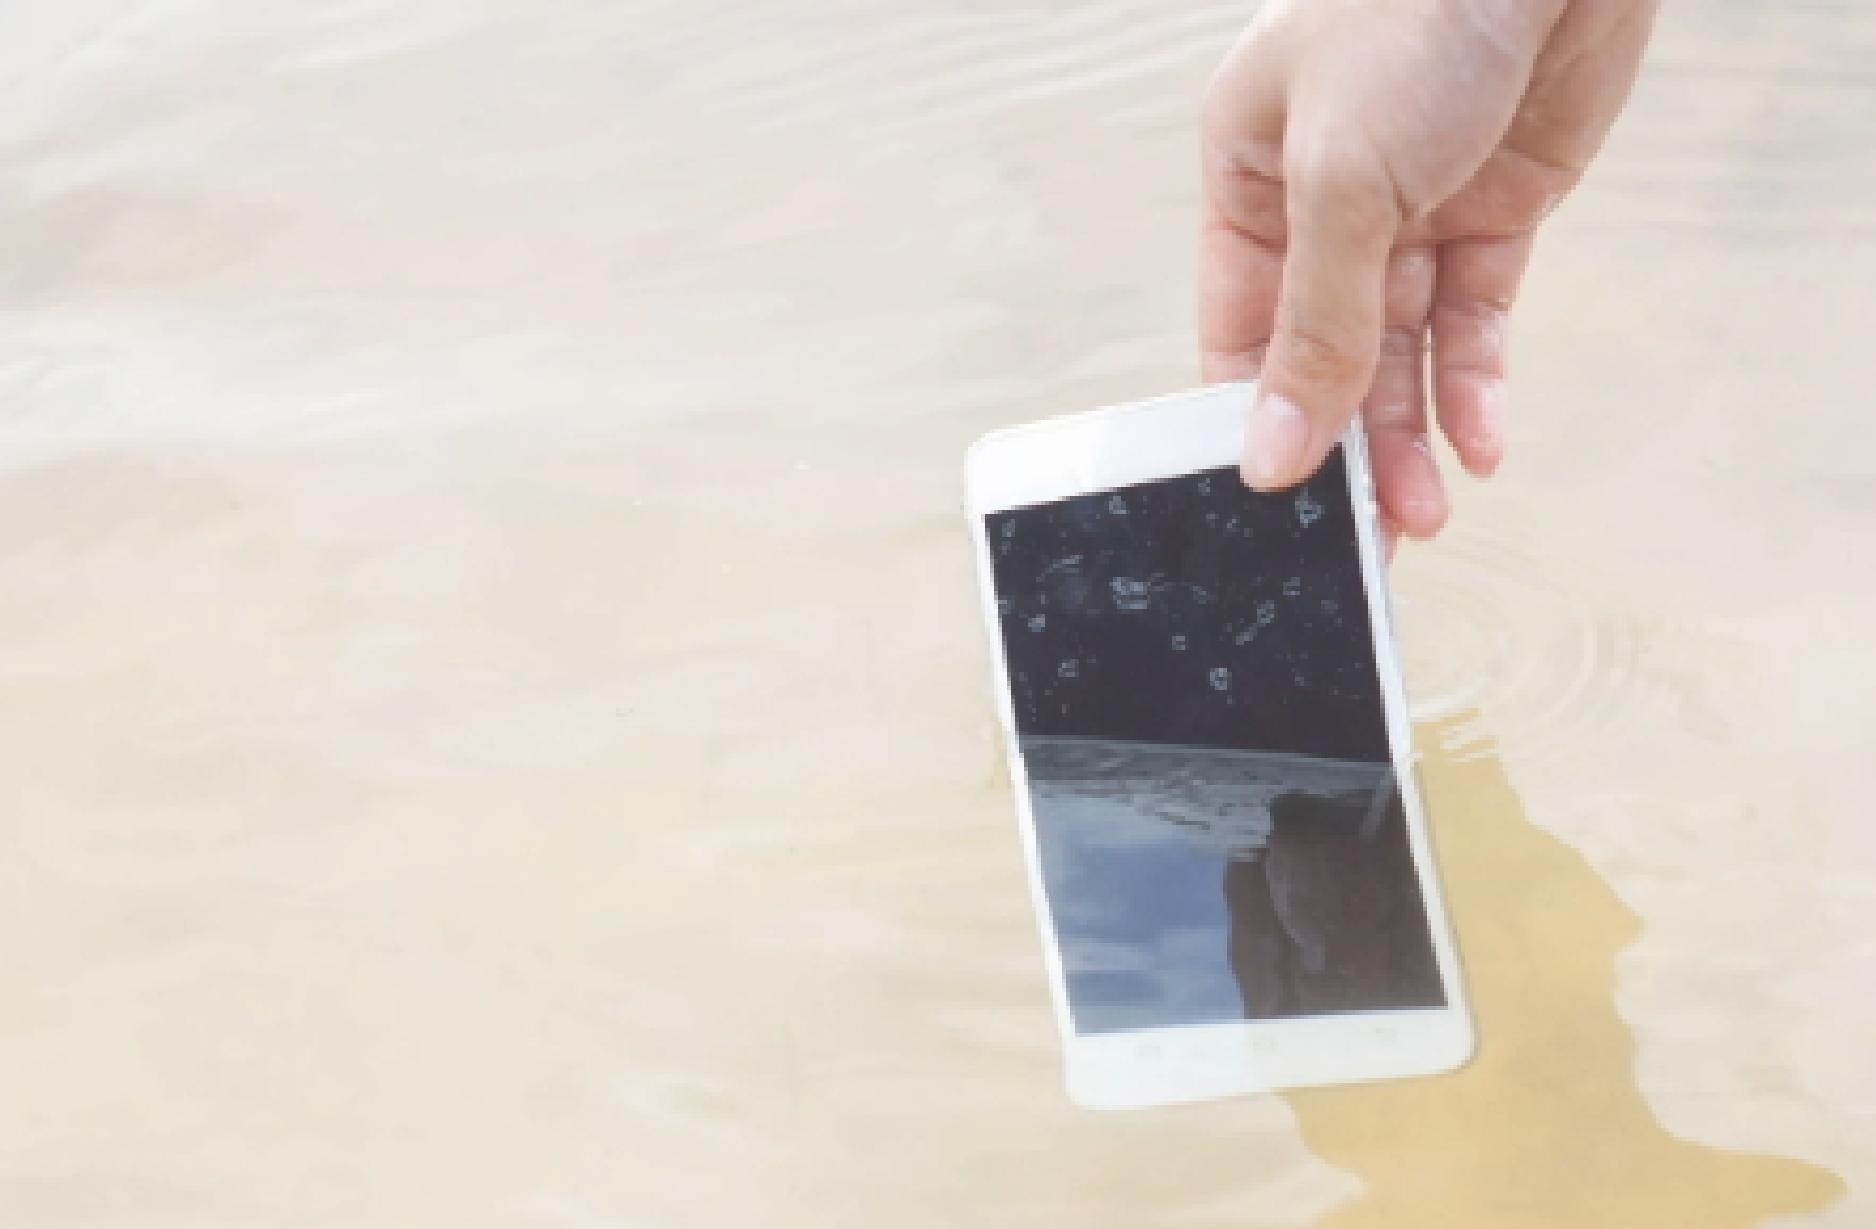 Apple-screen-repair-Pricing-table-new